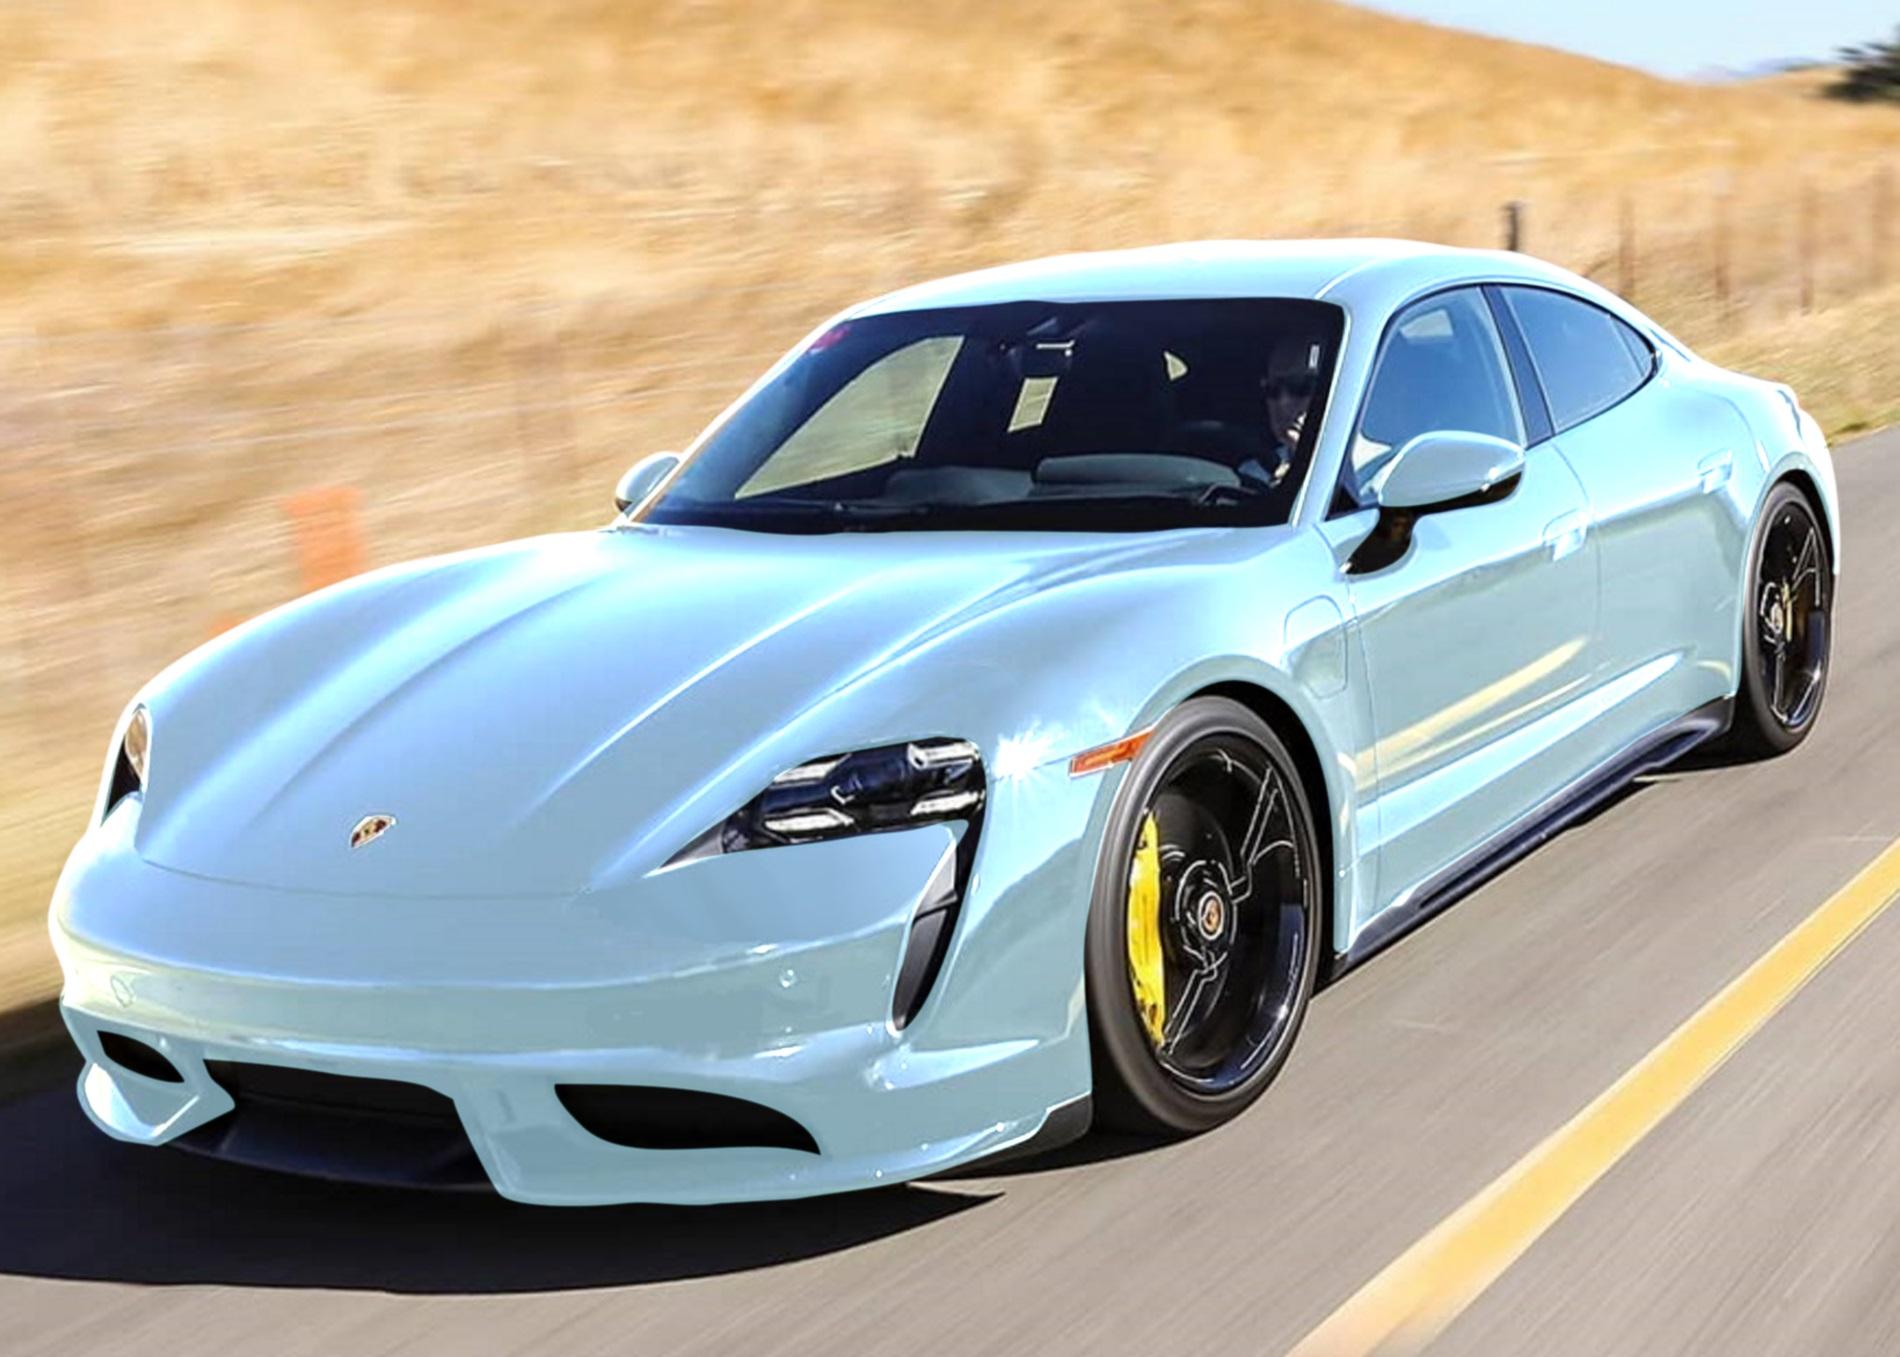 Porsche-Taycan-renderings-9